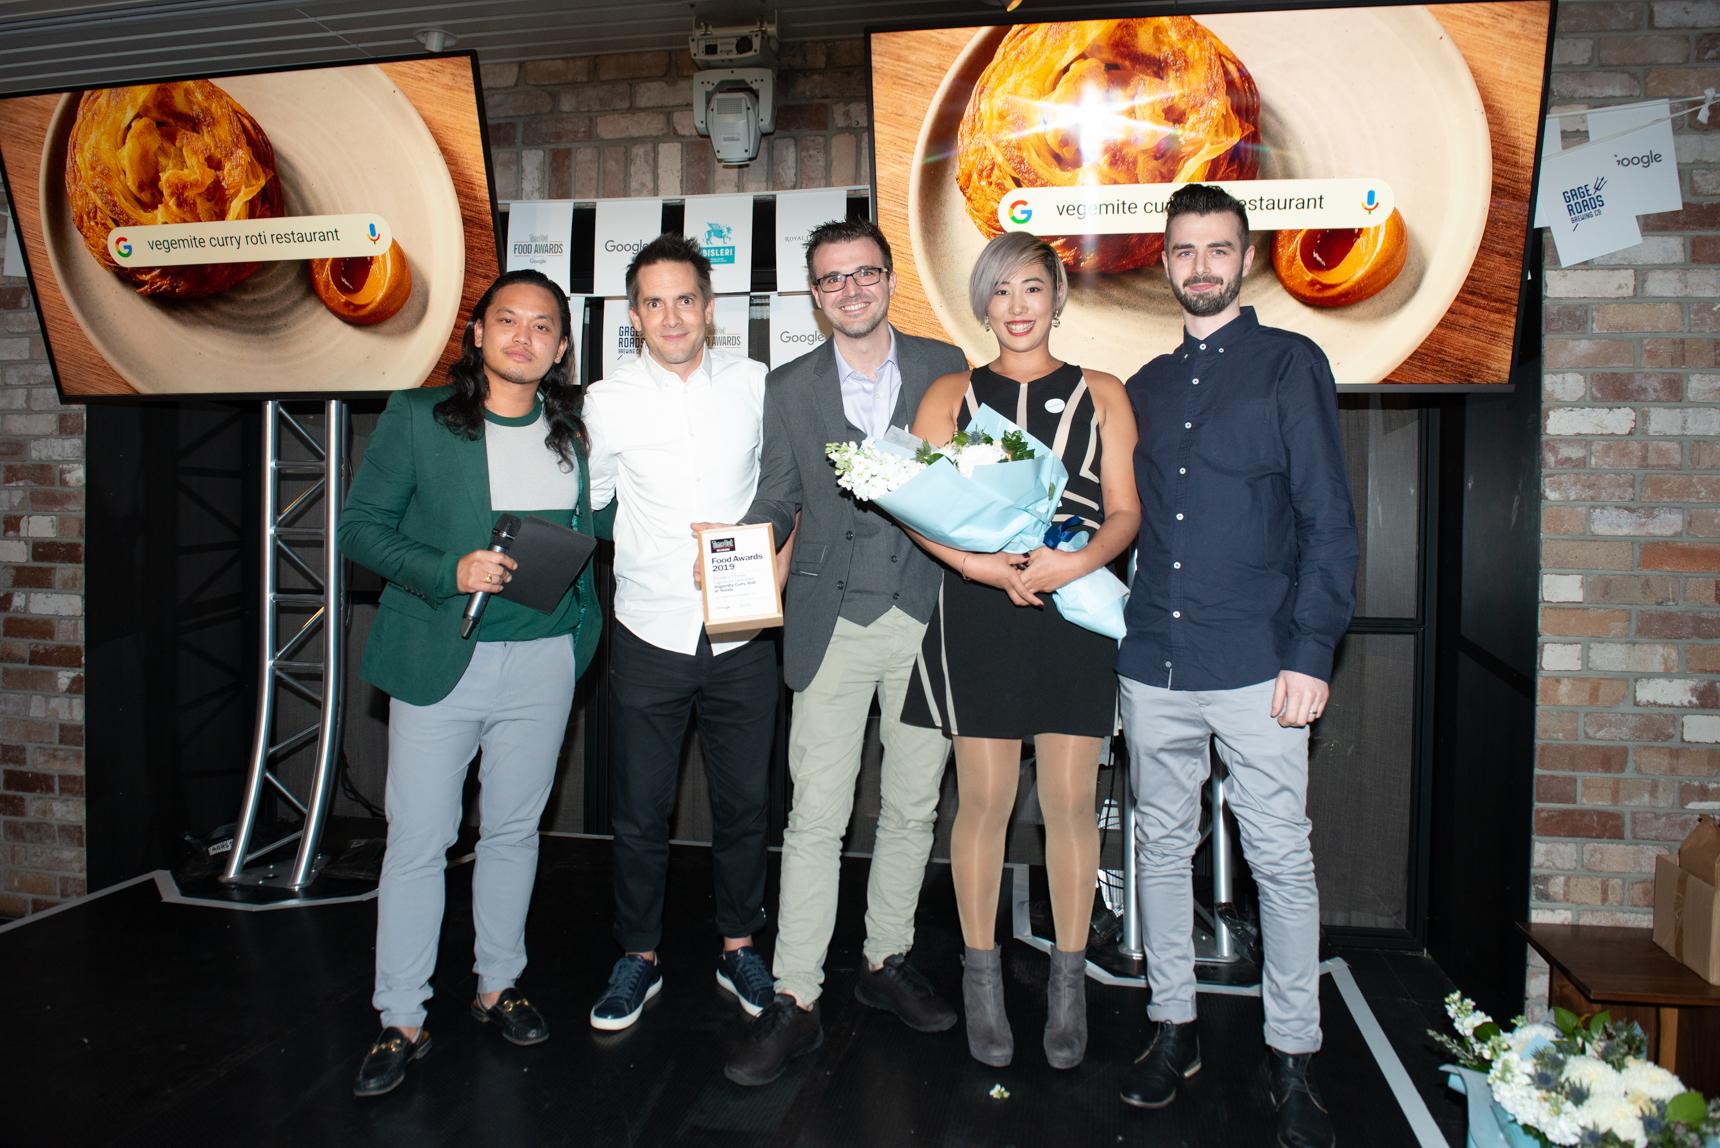 Time Out Food Awards 2019 recap